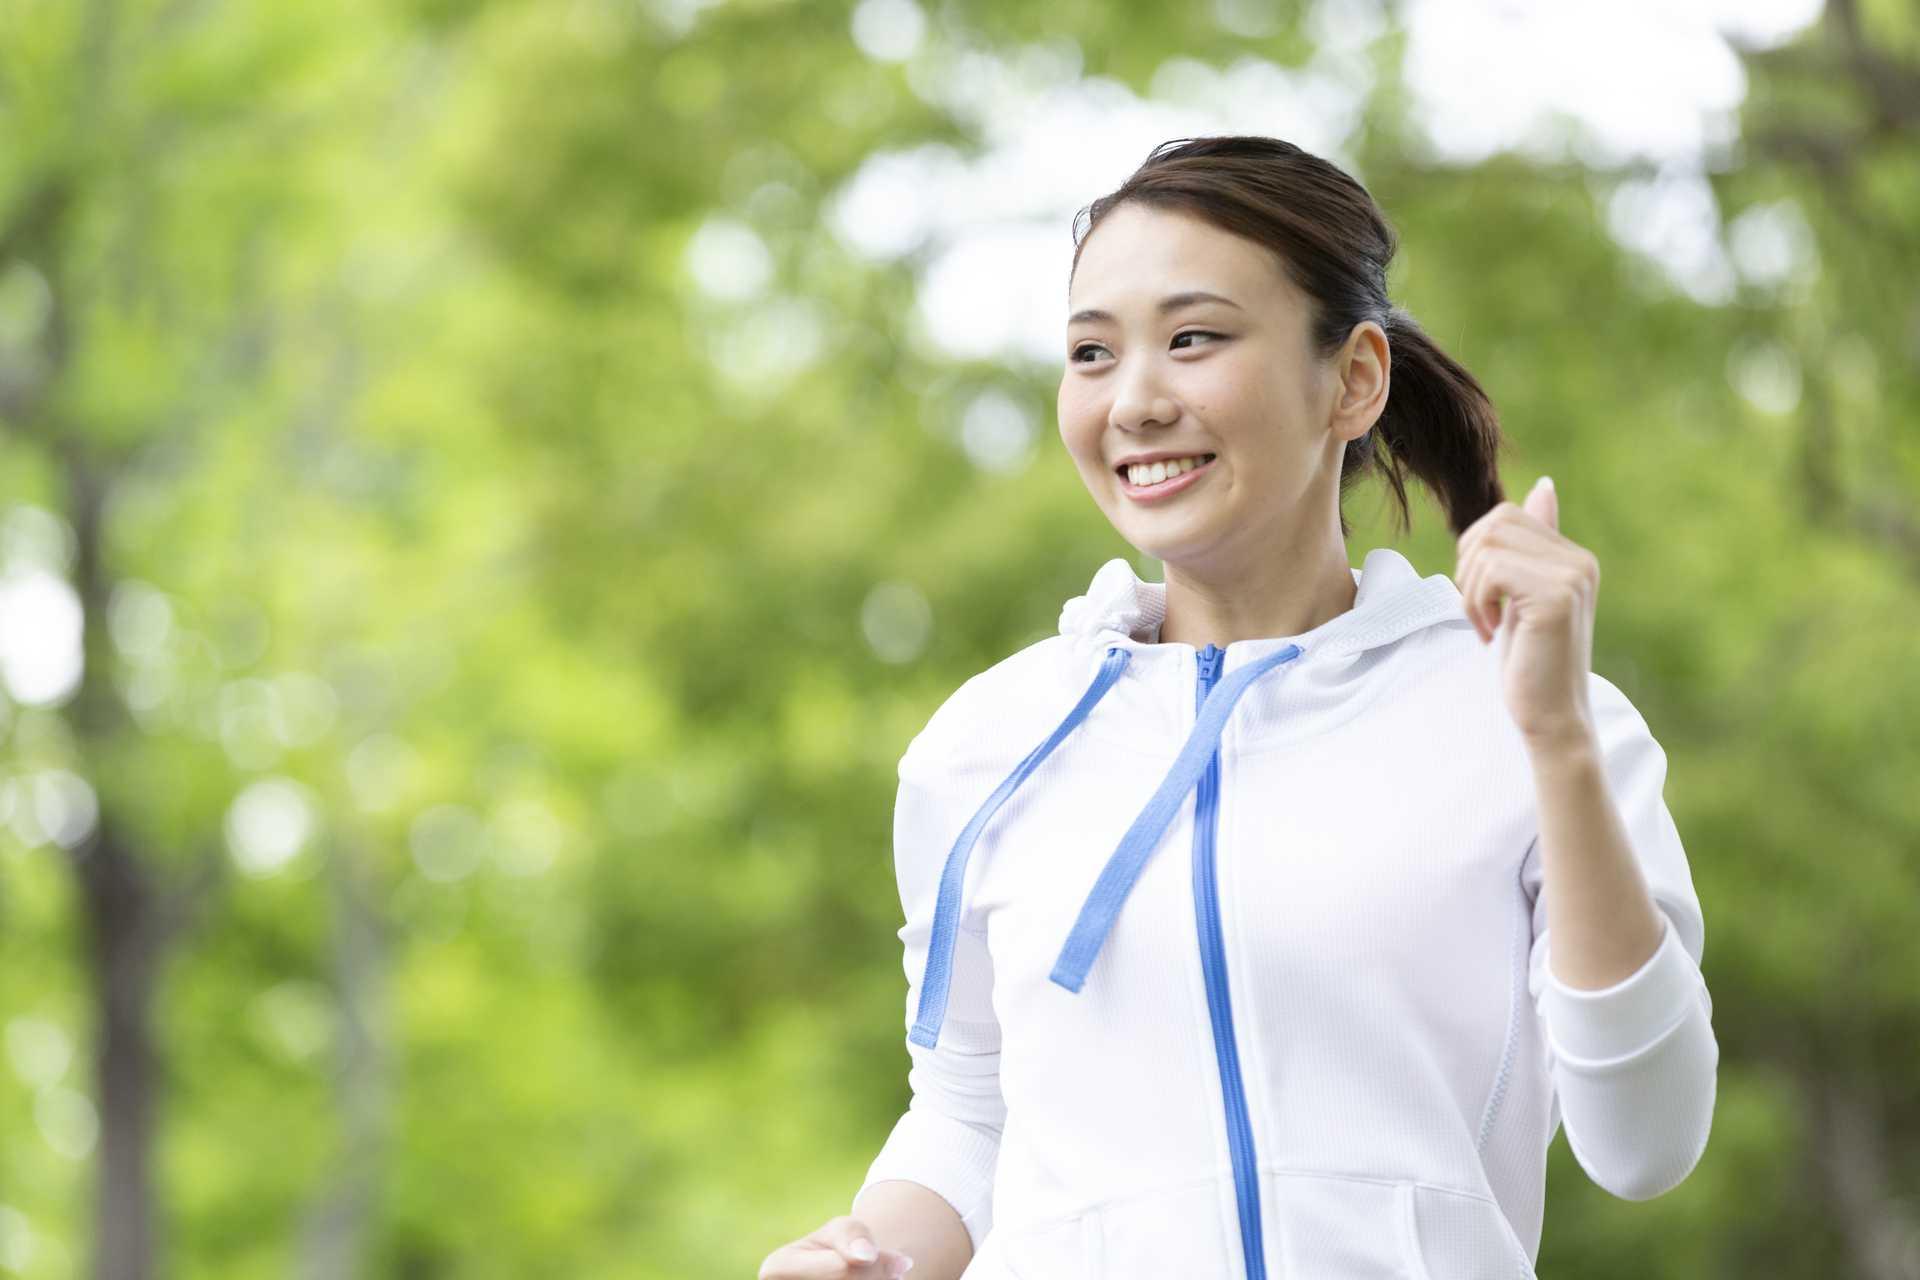 有酸素運動を意識するなら、時速4キロのペースを目安に歩きたい。 | ウォーキング・ダイエットのすすめ